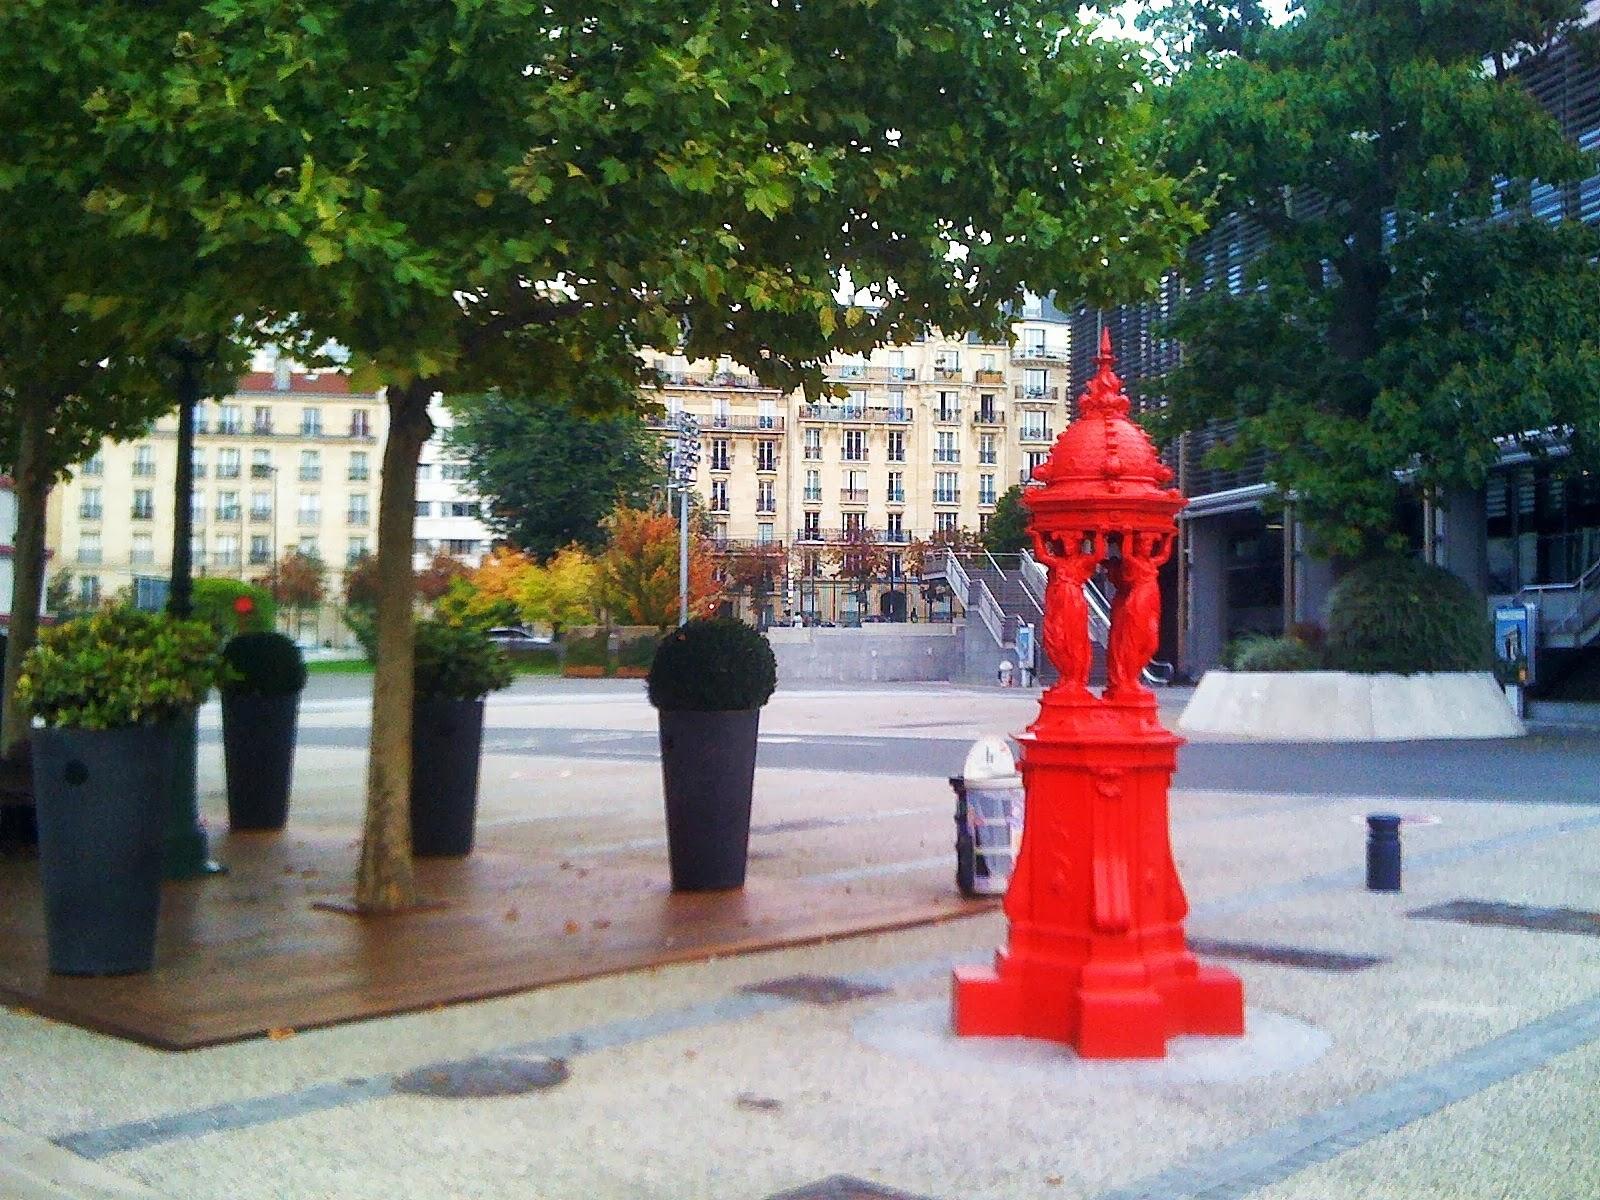 Paris les fontaines wallace voient la vie en couleur - Porte de versailles parc des expositions ...